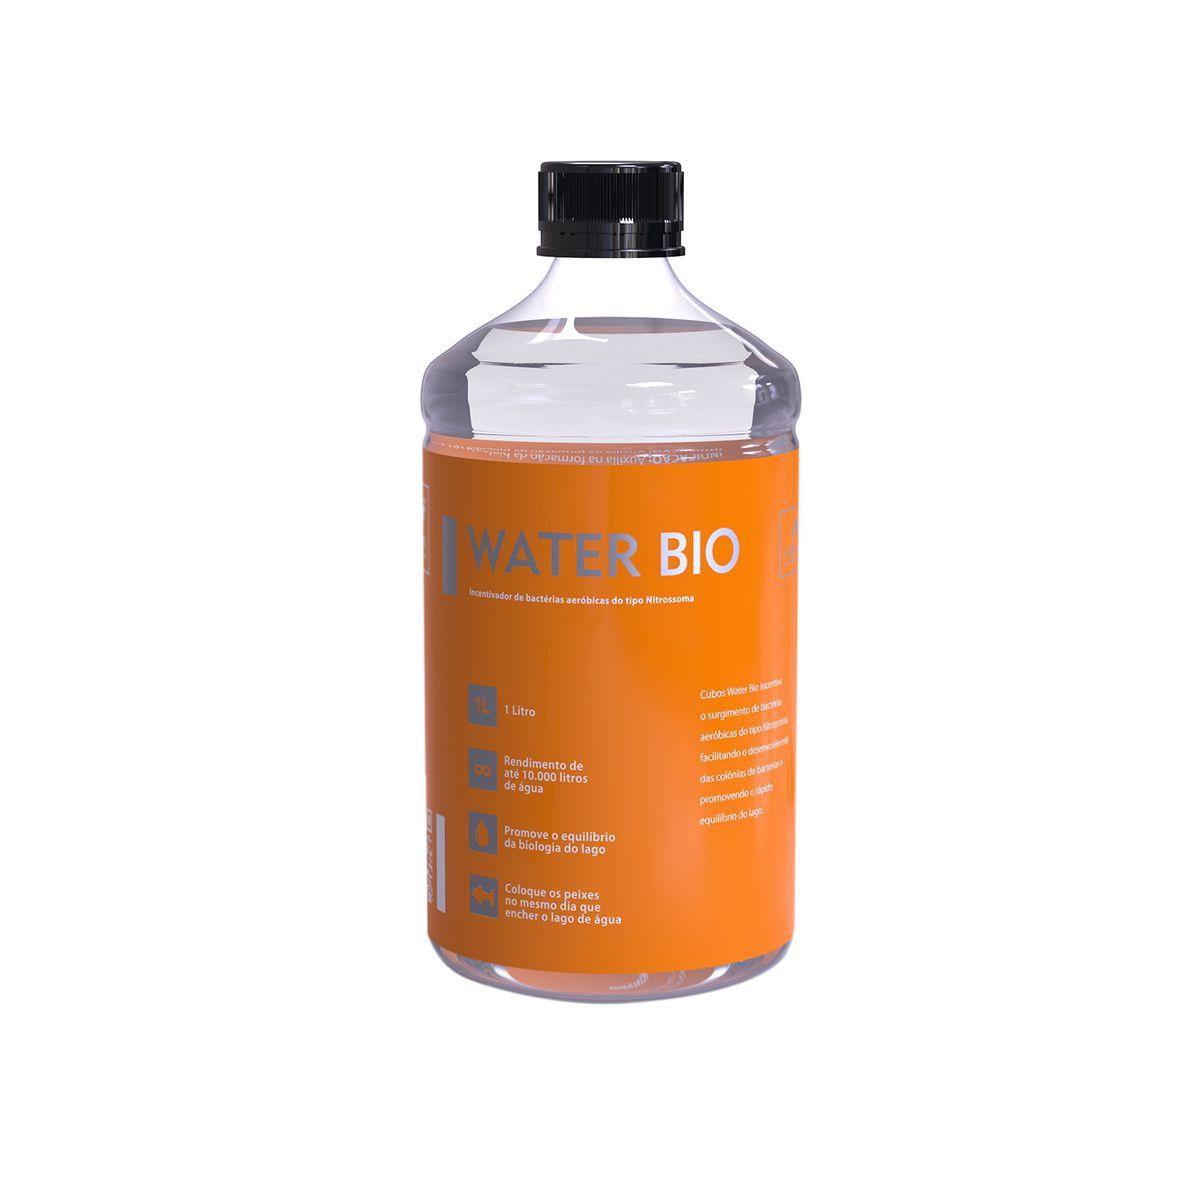 Acelerador Biológico Para Lagos Cubos Water Bio - 1 Litro